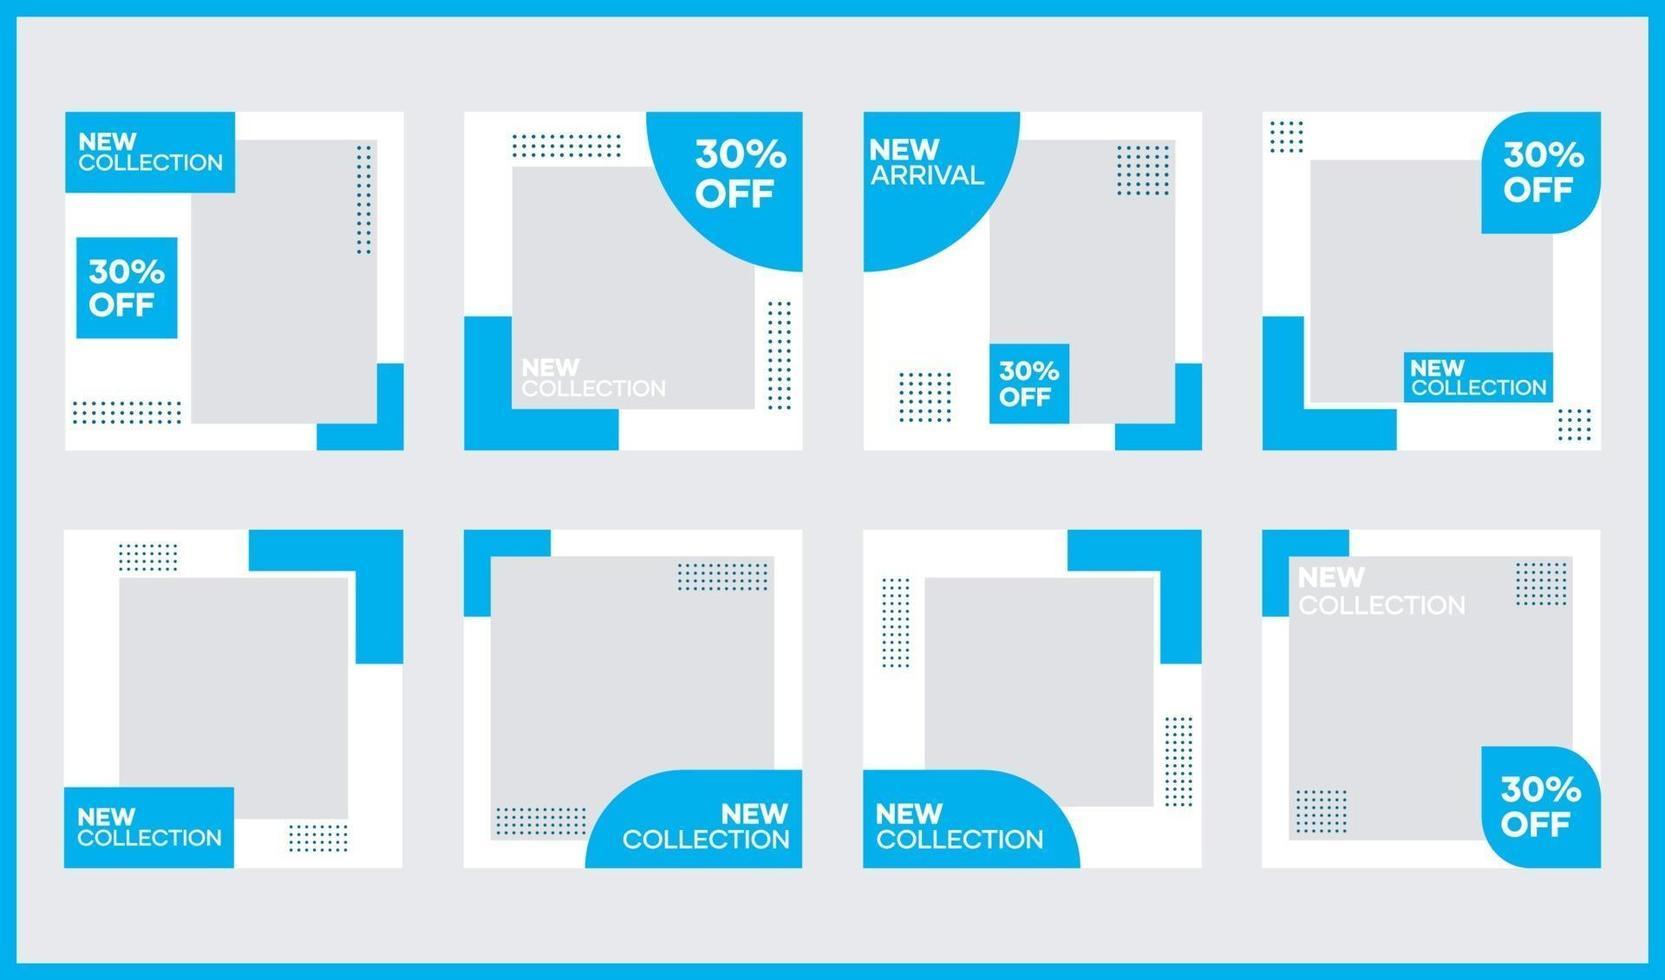 vektor sociala medier banner mall bunt. i ljusblått. lämplig för inlägg på sociala medier och webbplatsannonsering på internet